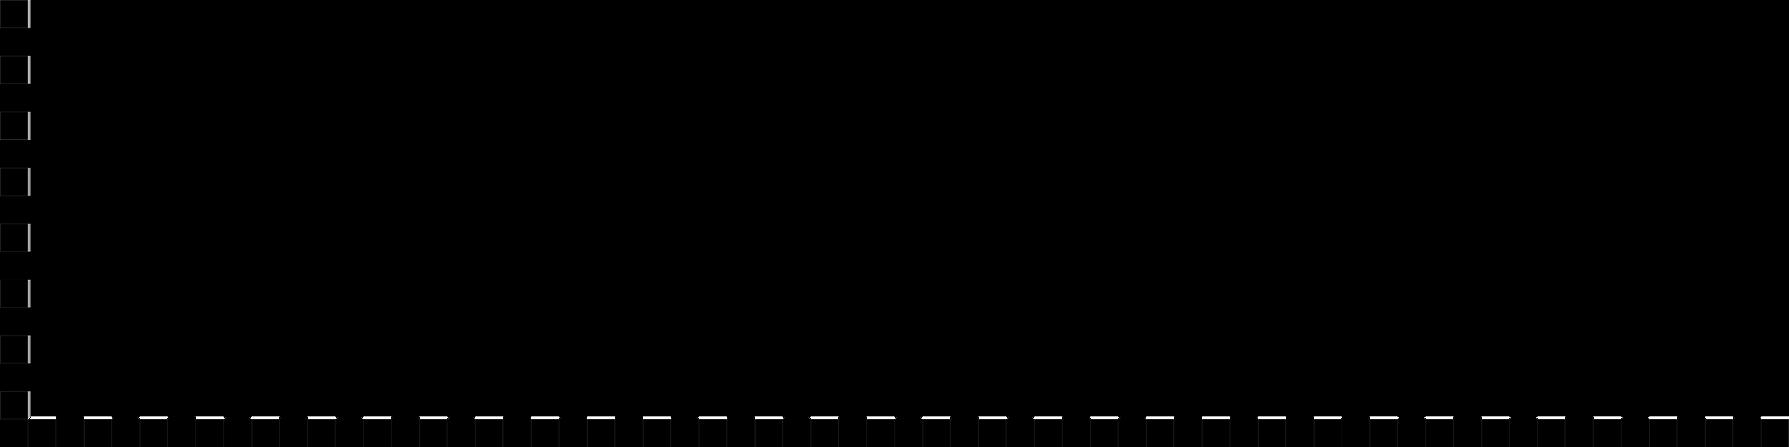 Qrow Branwen Sword Blueprint By Scalpelkun34 On Deviantart